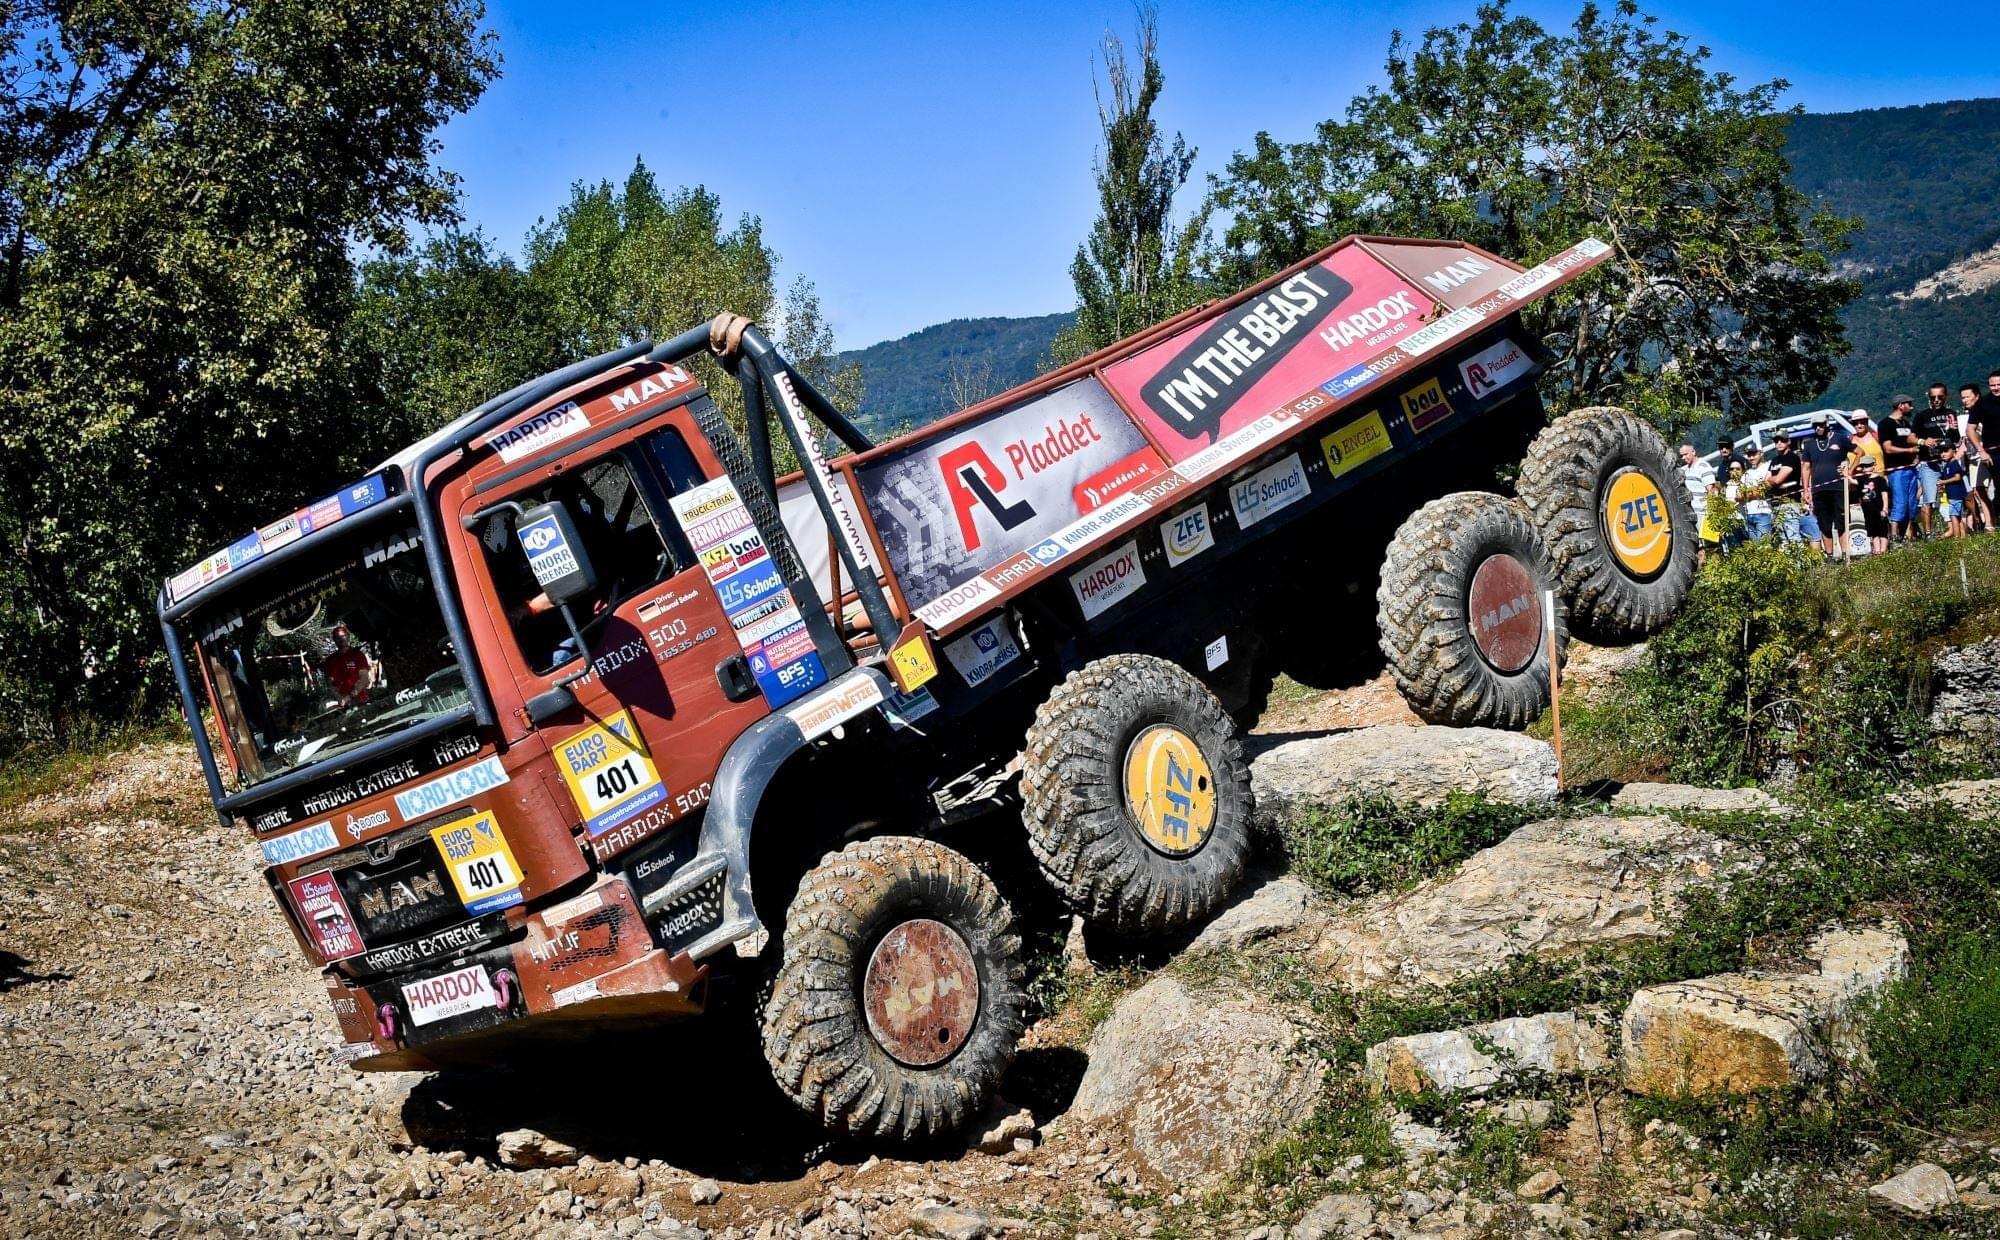 HS-Schoch-Hardox-Truck-Trial-Team_4 _Lauf in Montalieu-Vercieu